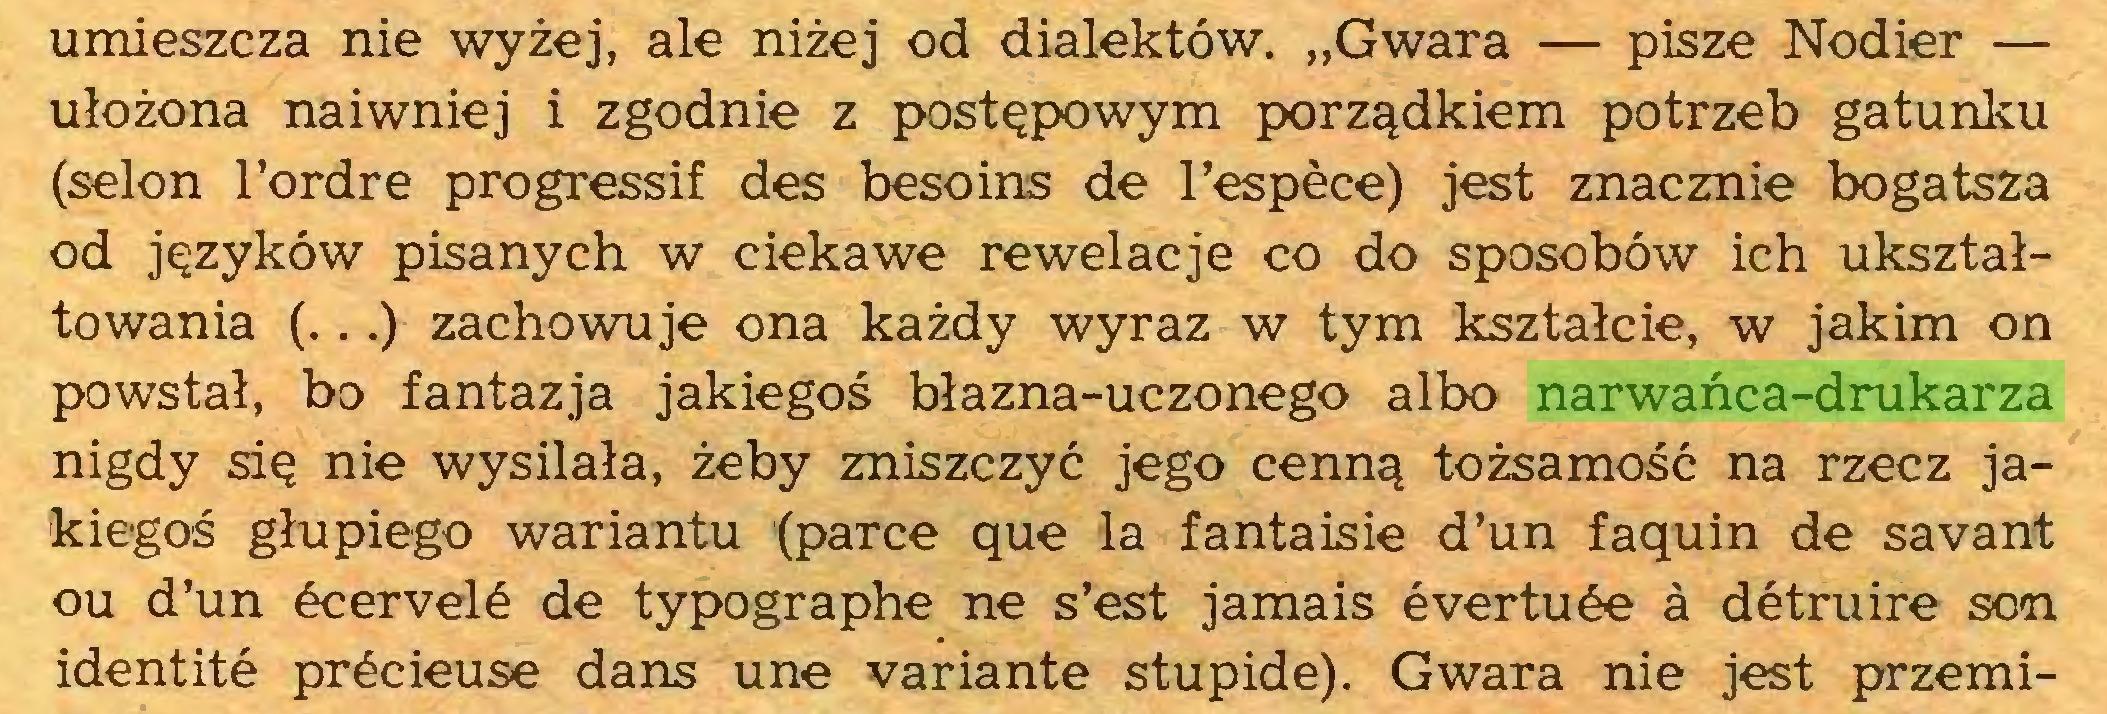 """(...) umieszcza nie wyżej, ale niżej od dialektów. """"Gwara — pisze Nodier — ułożona naiwniej i zgodnie z postępowym porządkiem potrzeb gatunku (selon l'ordre progressif des besoins de l'espèce) jest znacznie bogatsza od języków pisanych w ciekawe rewelacje co do sposobów ich ukształtowania (...) zachowuje ona każdy wyraz w tym kształcie, w jakim on powstał, bo fantazja jakiegoś błazna-uczonego albo narwańca-drukarza nigdy się nie wysilała, żeby zniszczyć jego cenną tożsamość na rzecz jakiegoś głupiego wariantu (parce que la fantaisie d'un faquin de savant ou d'un écervelé de typographe ne s'est jamais évertuée à détruire son identité précieuse dans une variante stupide). Gwara nie jest przemi..."""